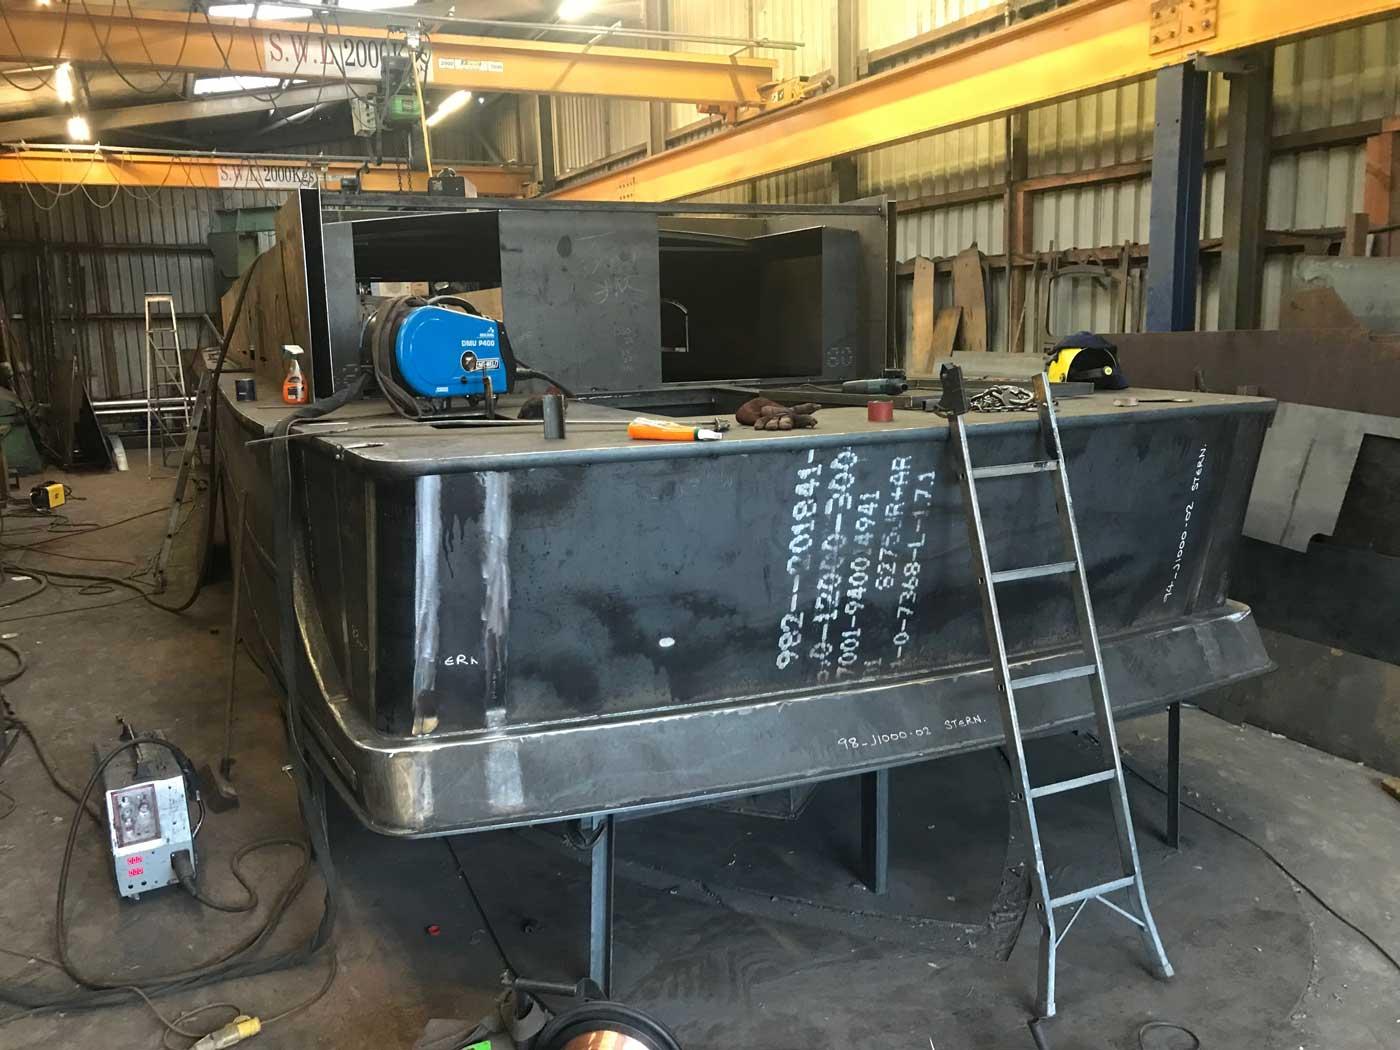 steel-boat-kit-being-built